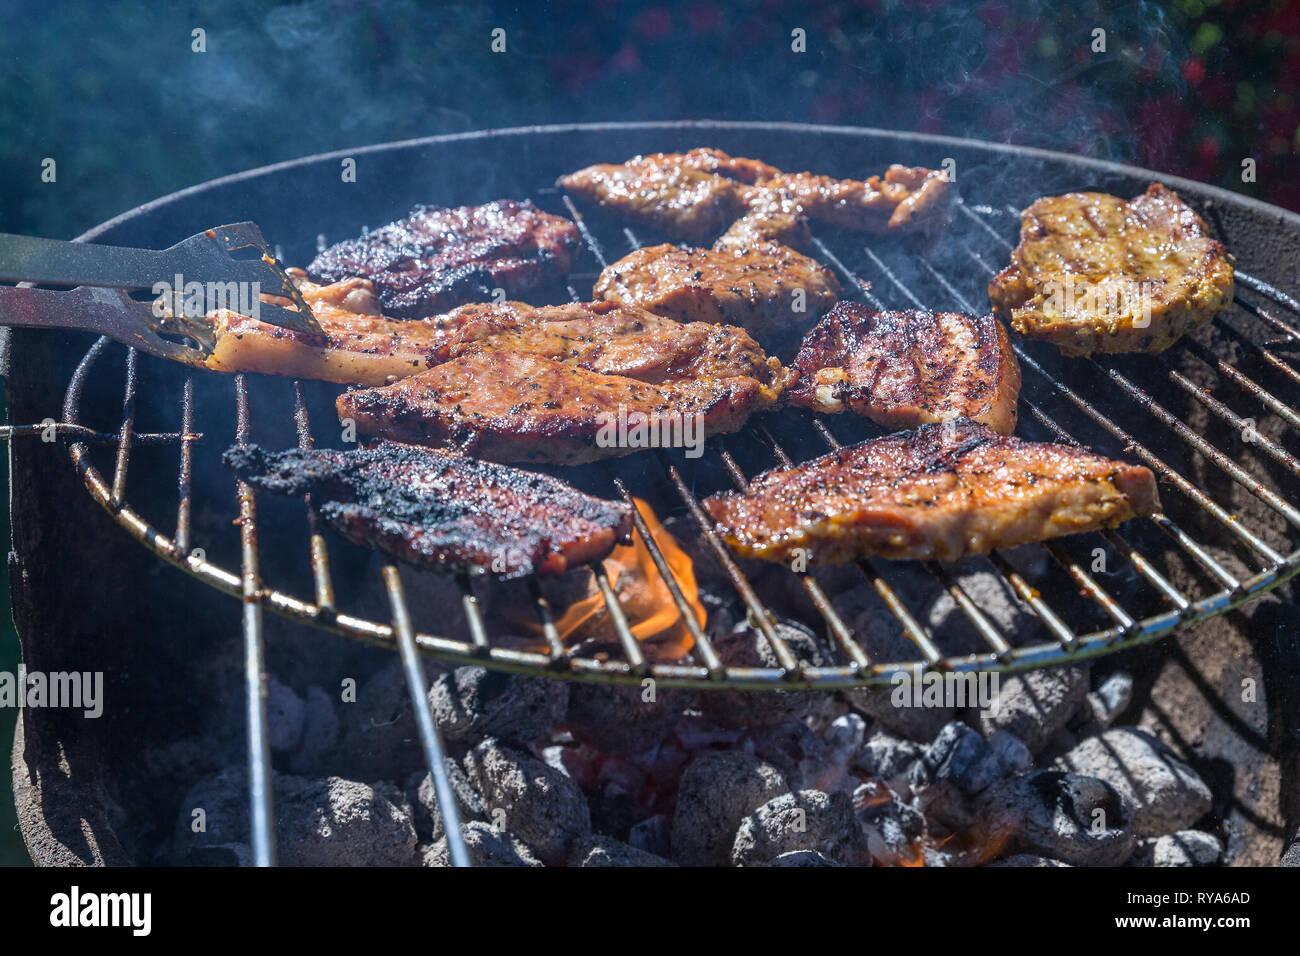 Bauchfleisch und Wuerstchen auf dem Grill, unter dem Grill lodern die Flammen bei THEMENBILD Grillen, 06.05.2018 Foto: Mario Hommes - Stock Image